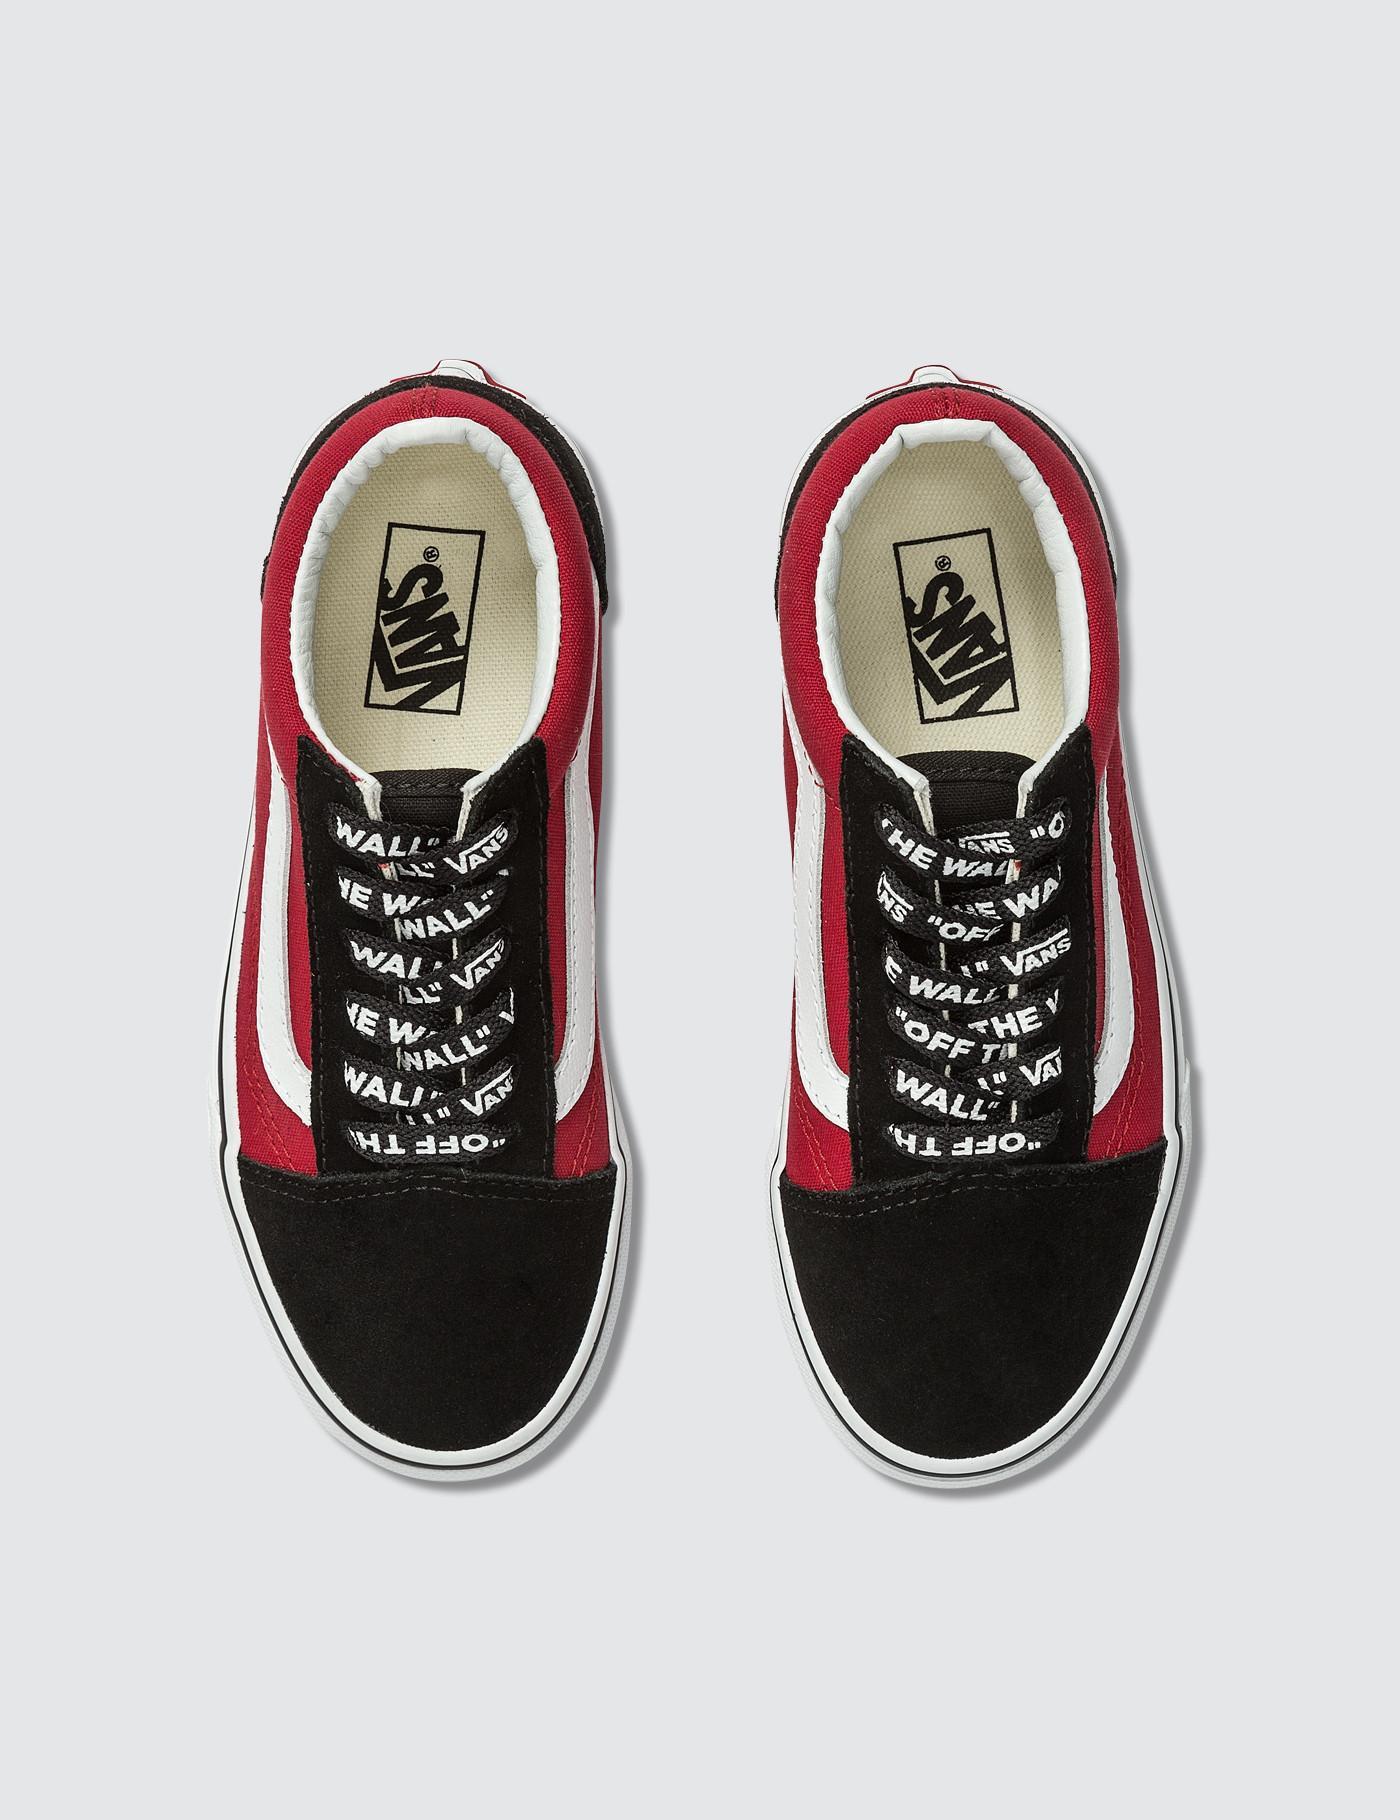 b77338f9eef7 Lyst - Vans Old Skool in Black for Men